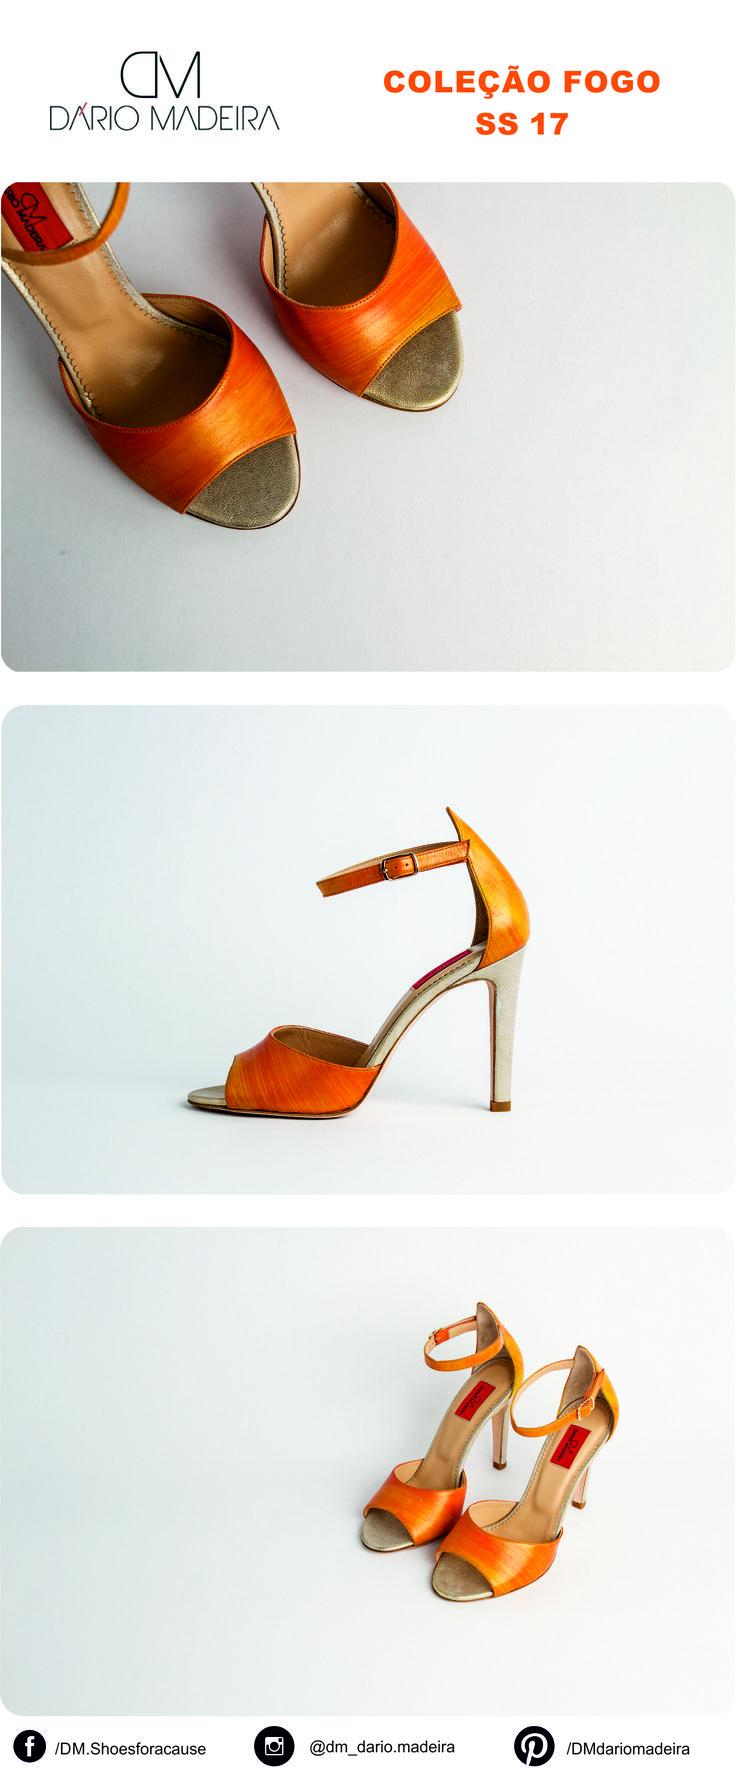 Sandália - Linha Fogo | SS17 | DM - Dário Madeira  Sapato de Senhora | Shoes for a cause | Calçado Português | Portuguese Shoes | Made In Portugal